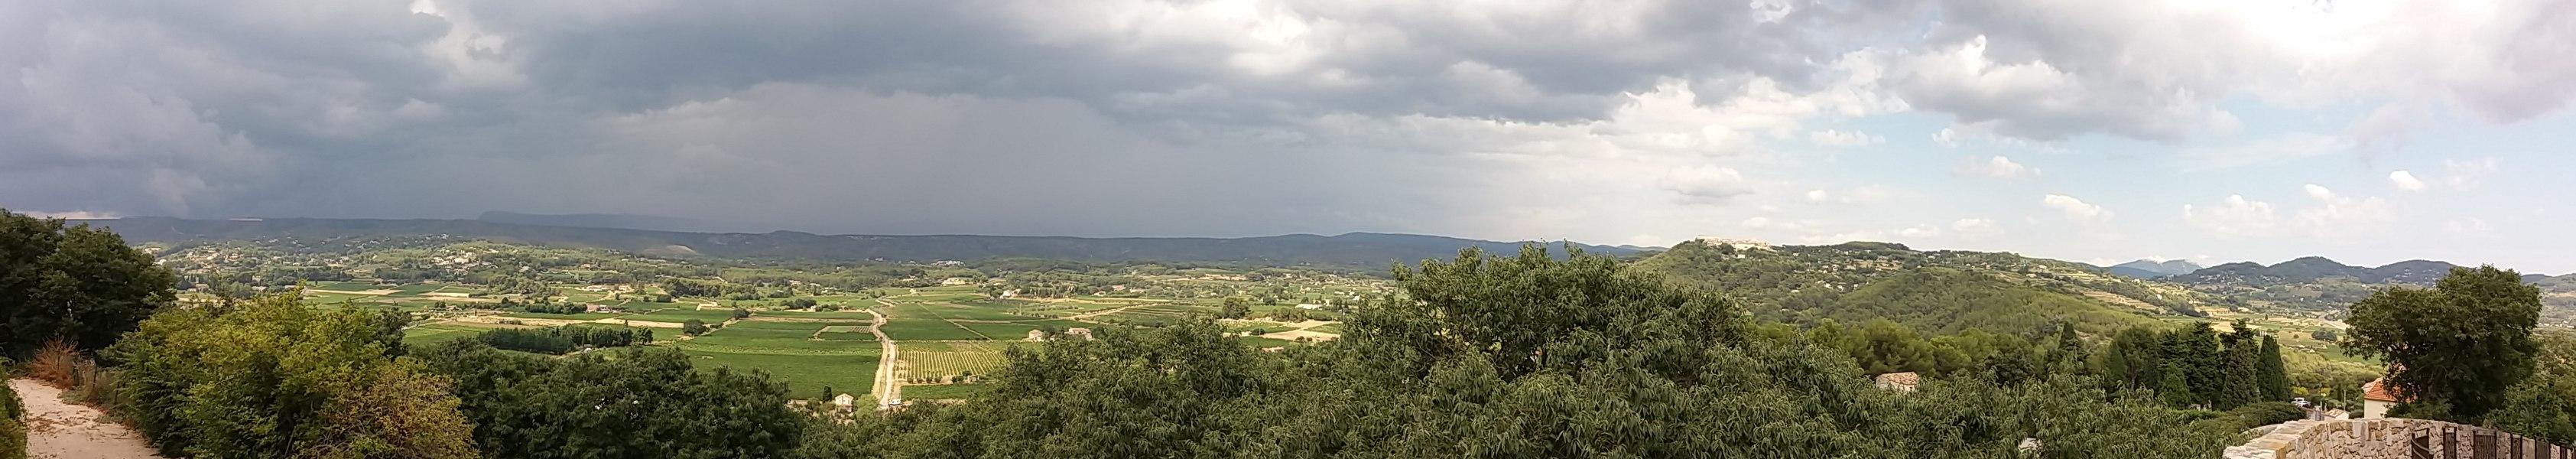 Panorama depuis La Cadière d'Azur - avec la Sainte-Baume sous la pluie et Le Castellet au soleil.